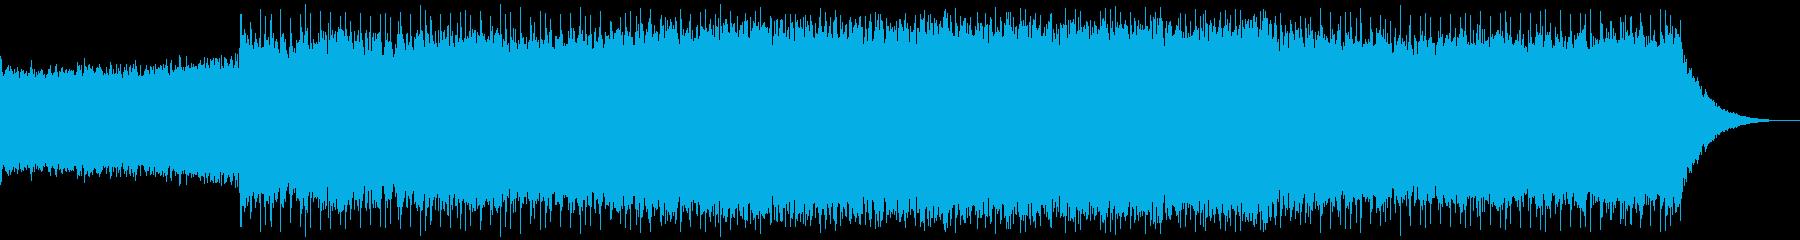 パワフルでモダンなギタードリブントラックの再生済みの波形